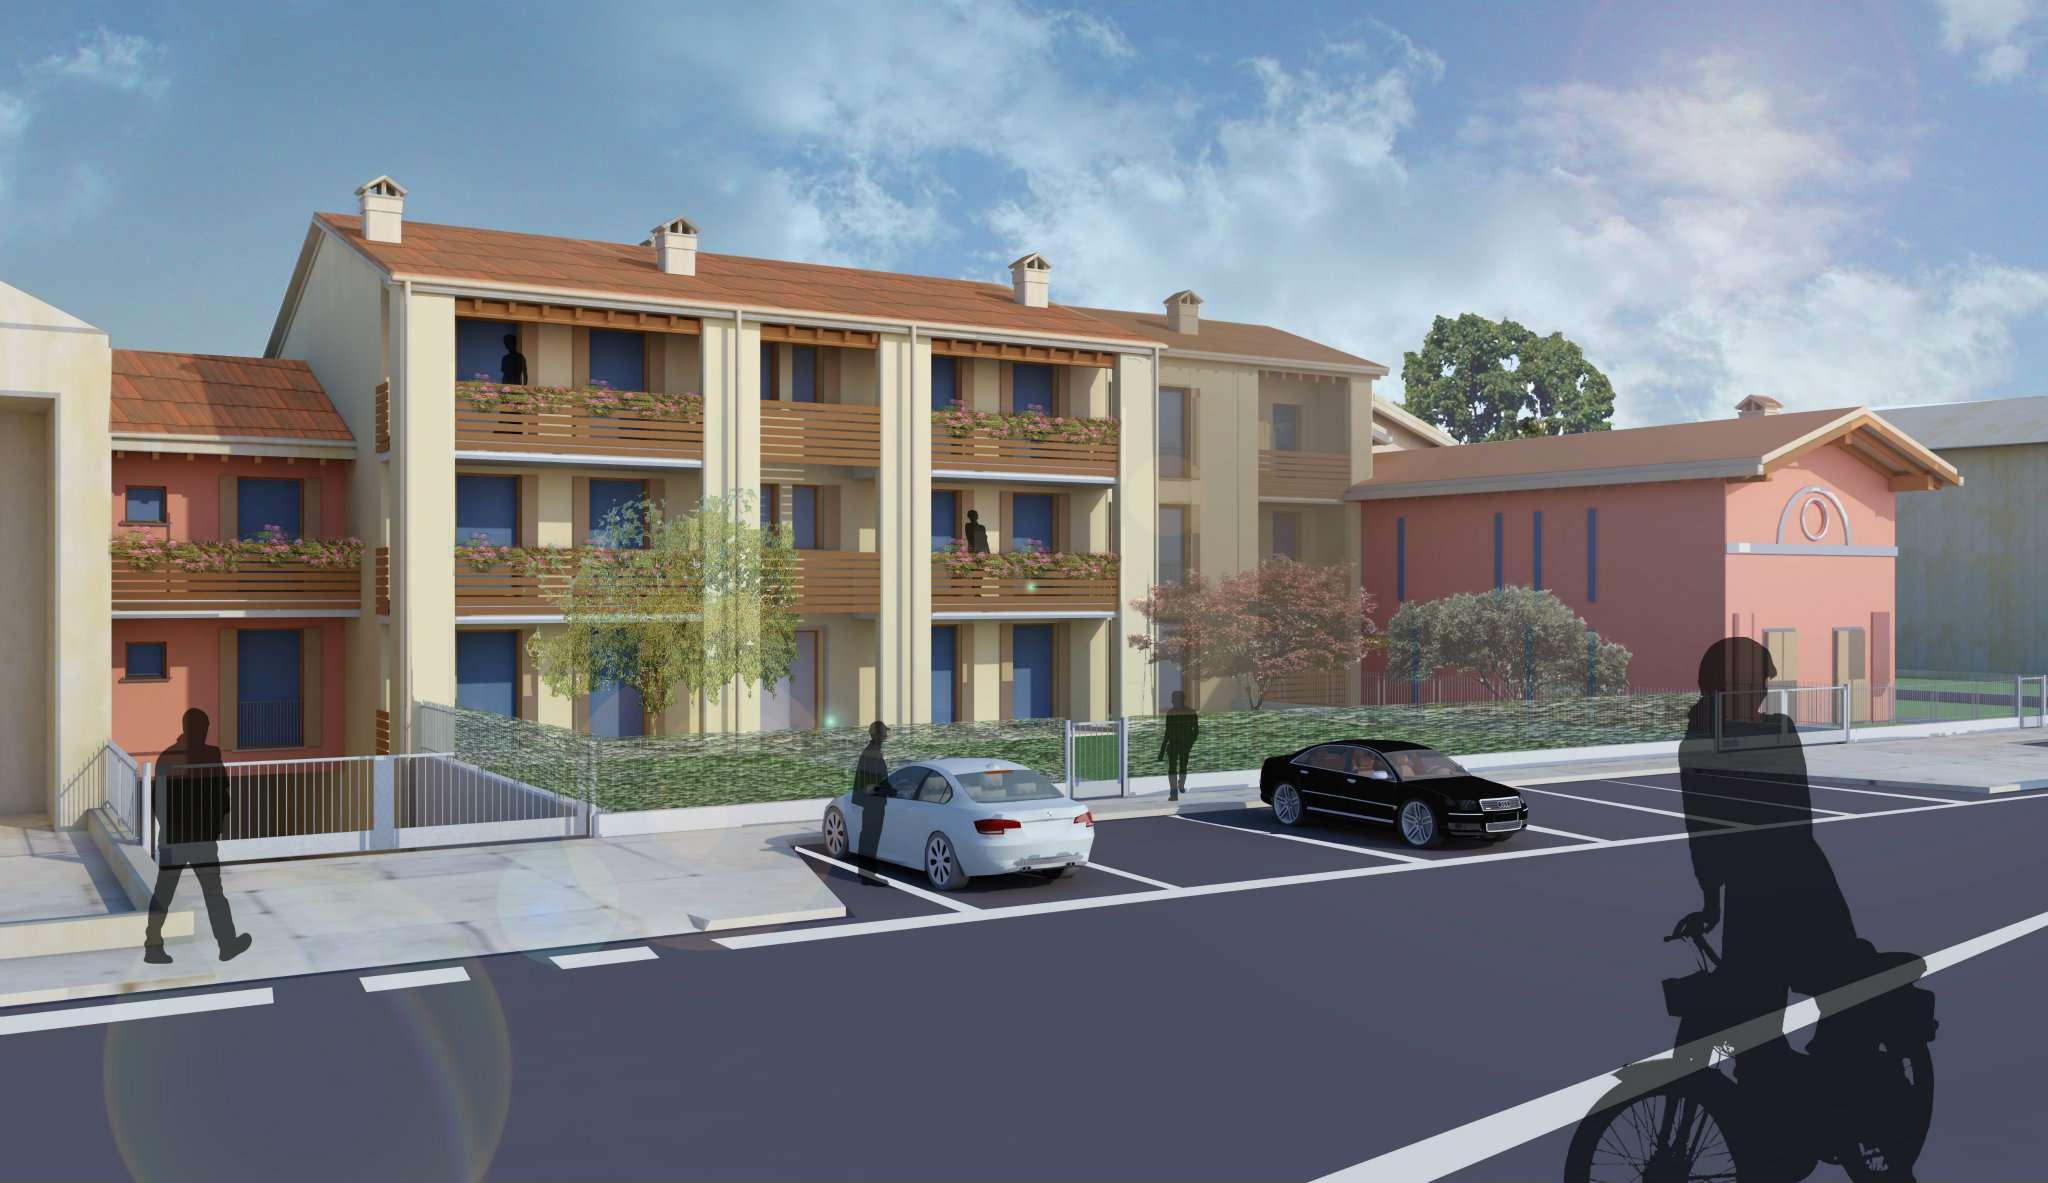 Bilocale di nuova realizzazione in vendita nel Comune di Brusaporto in zona centrale